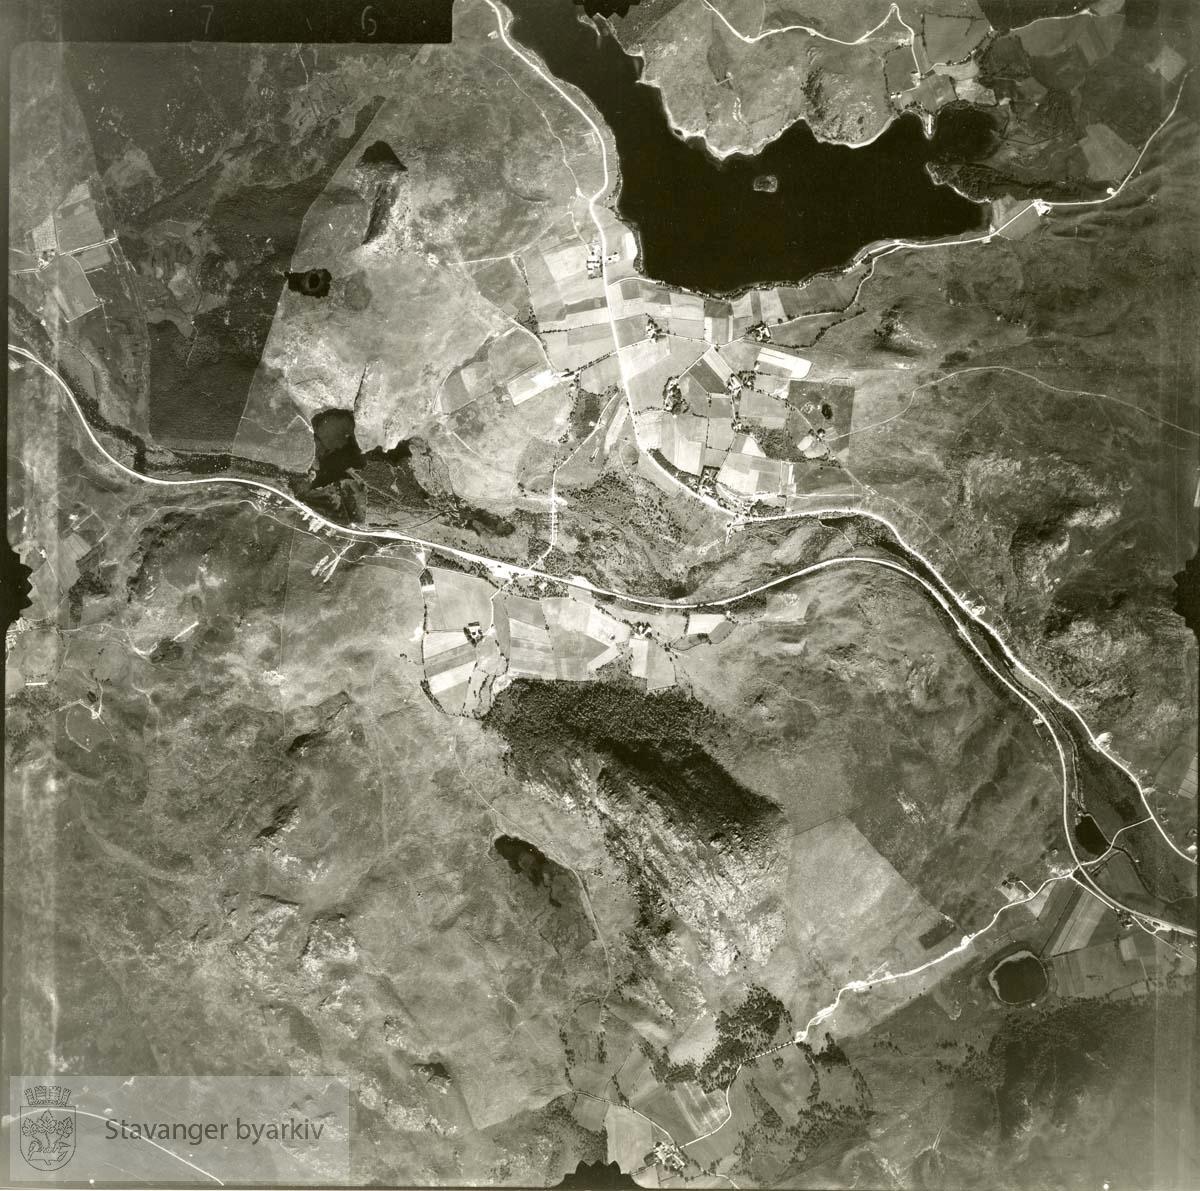 Jfr. kart/fotoplan G6/576..Bråstein, Bråsteinvatnet..Se ByStW_Uca_002 (kan lastes ned under fanen for kart på Stavangerbilder)